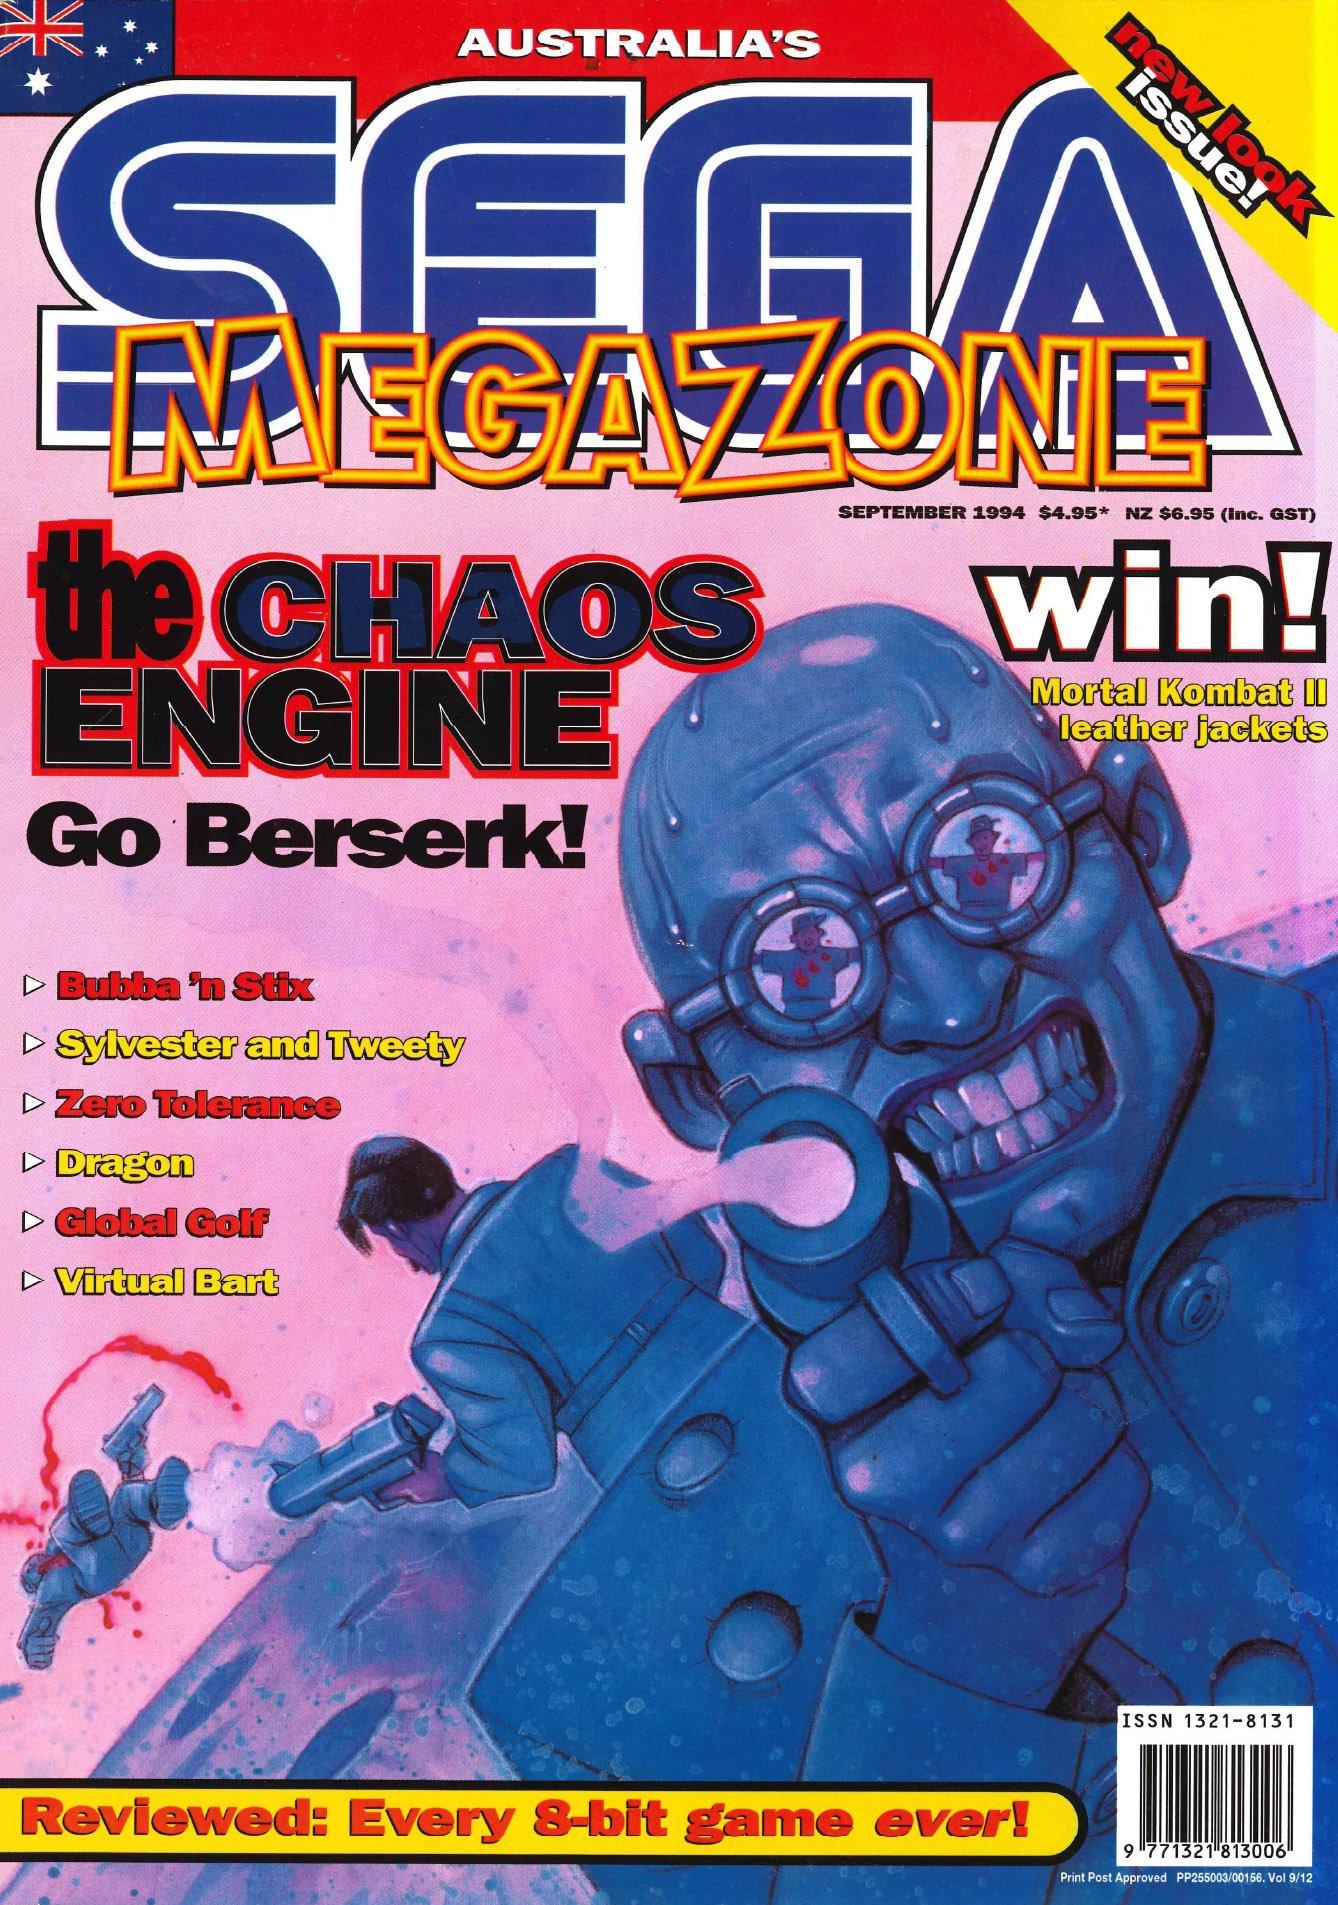 Sega MegaZone 43 (September 1994)